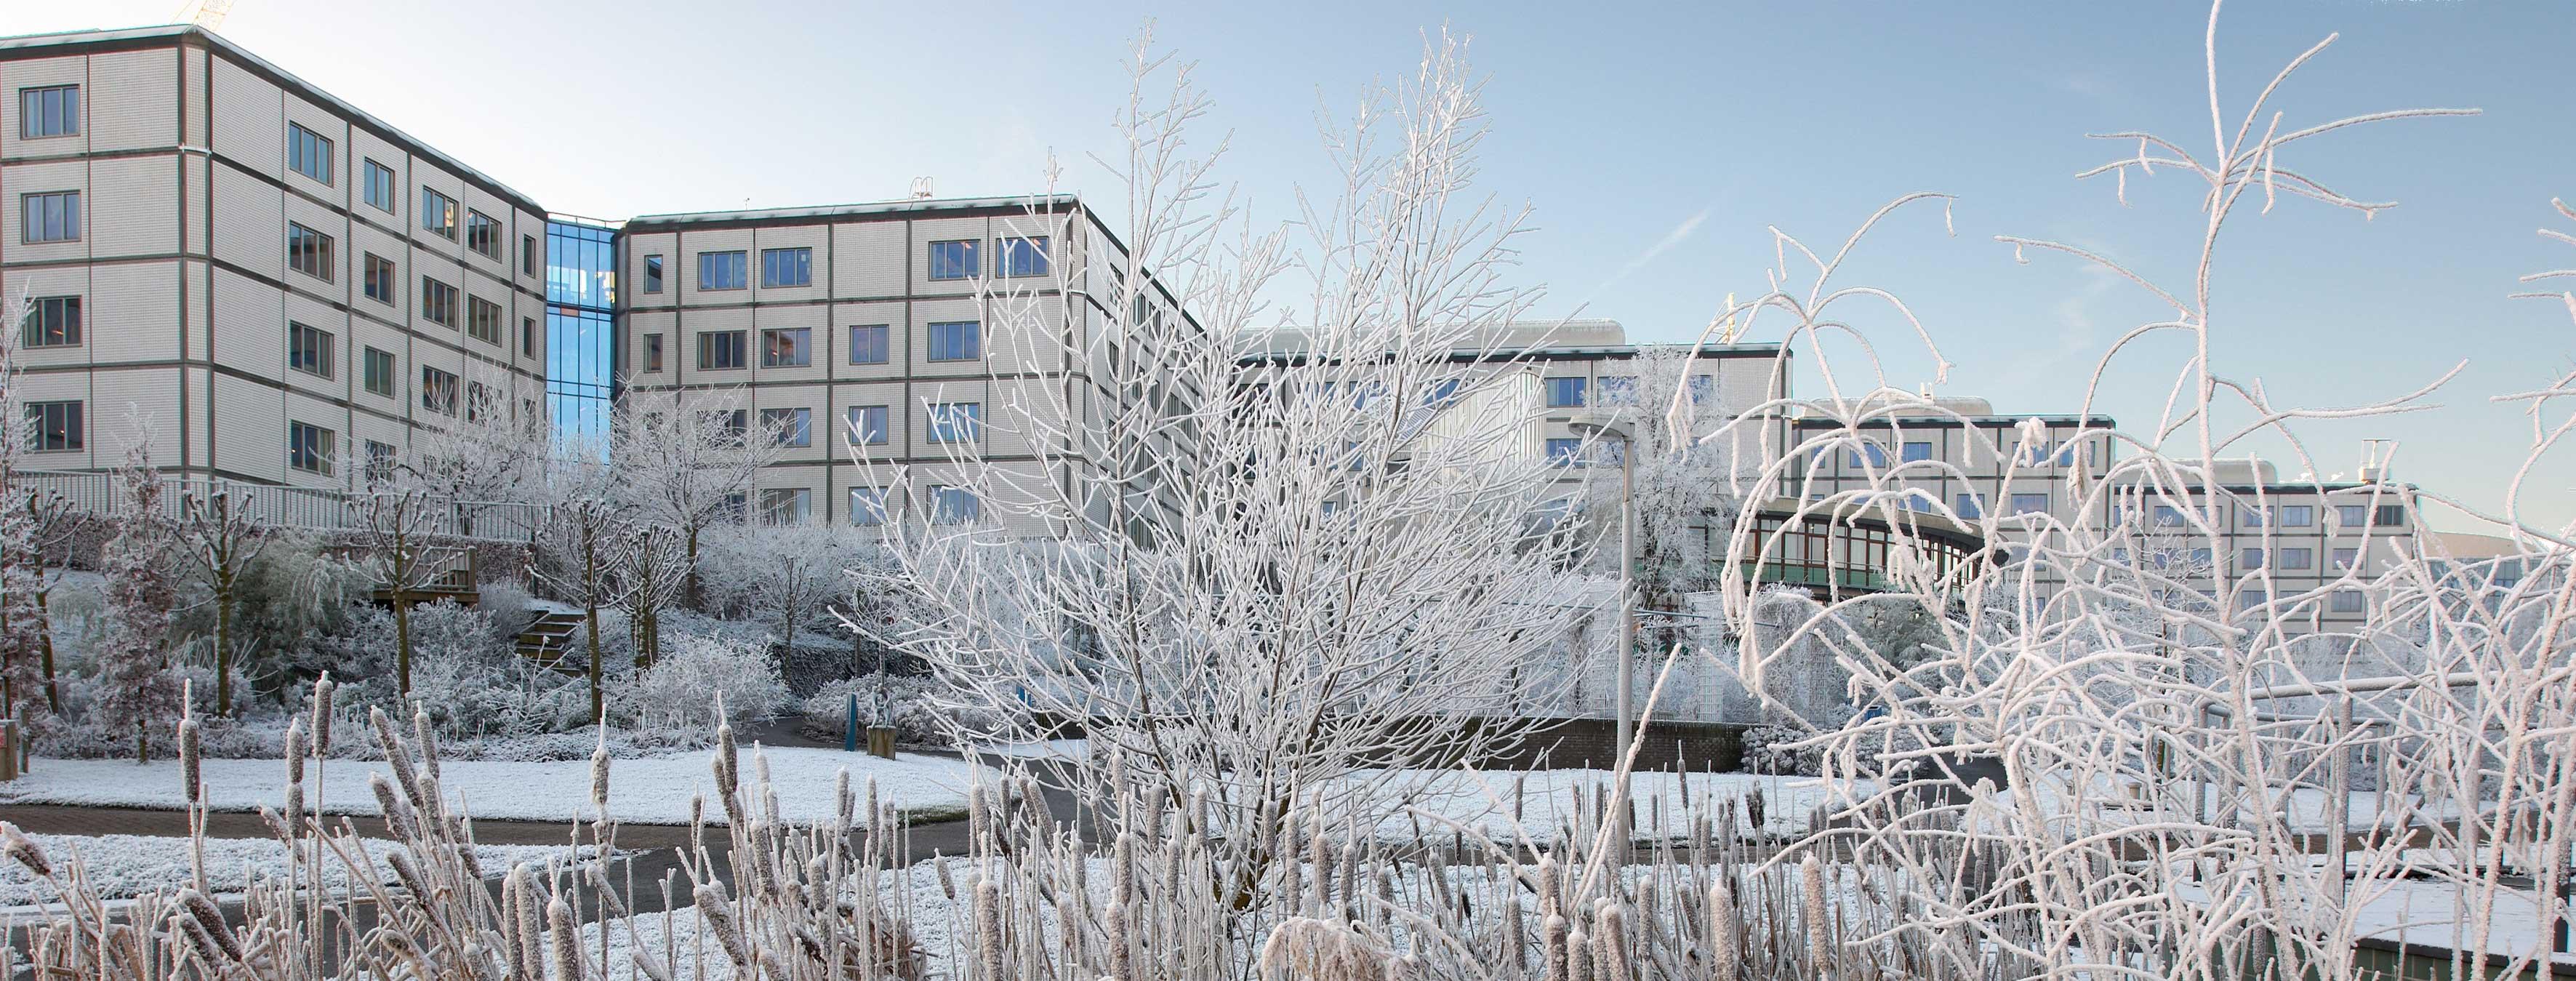 Image Sciences Institute